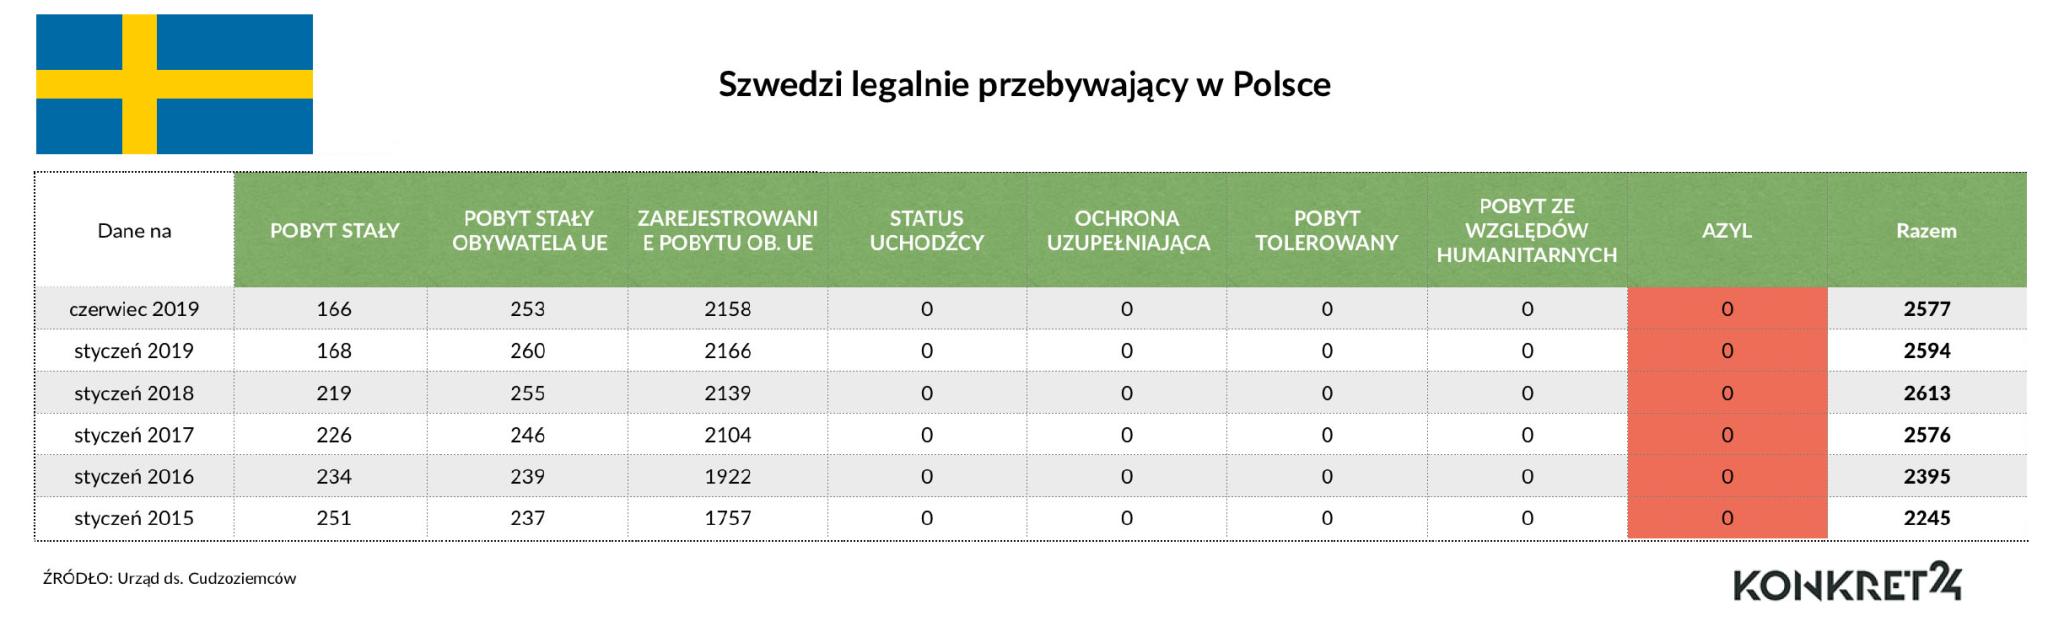 W ostatnich latach w Polsce w ramach azylu nie przebywał żaden obywatel Szwecji